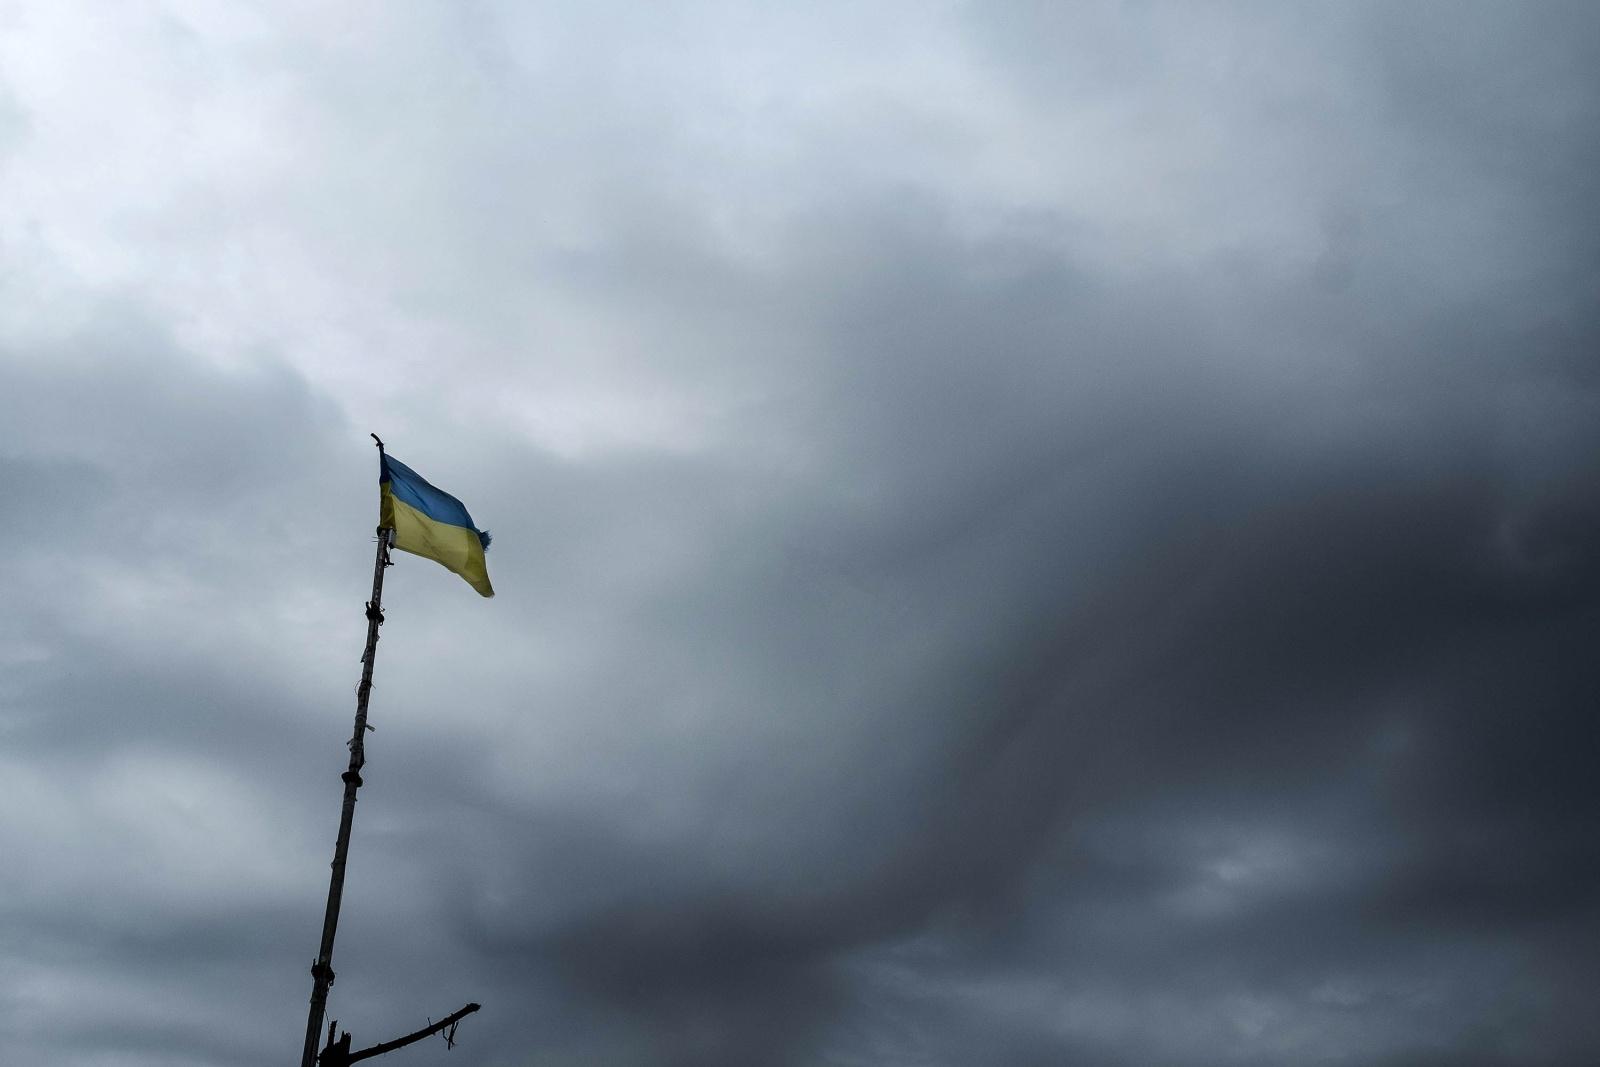 Ucraina - La bandiera Ucraina sventola in prima linea sul fronte di Zenit nel Donbass